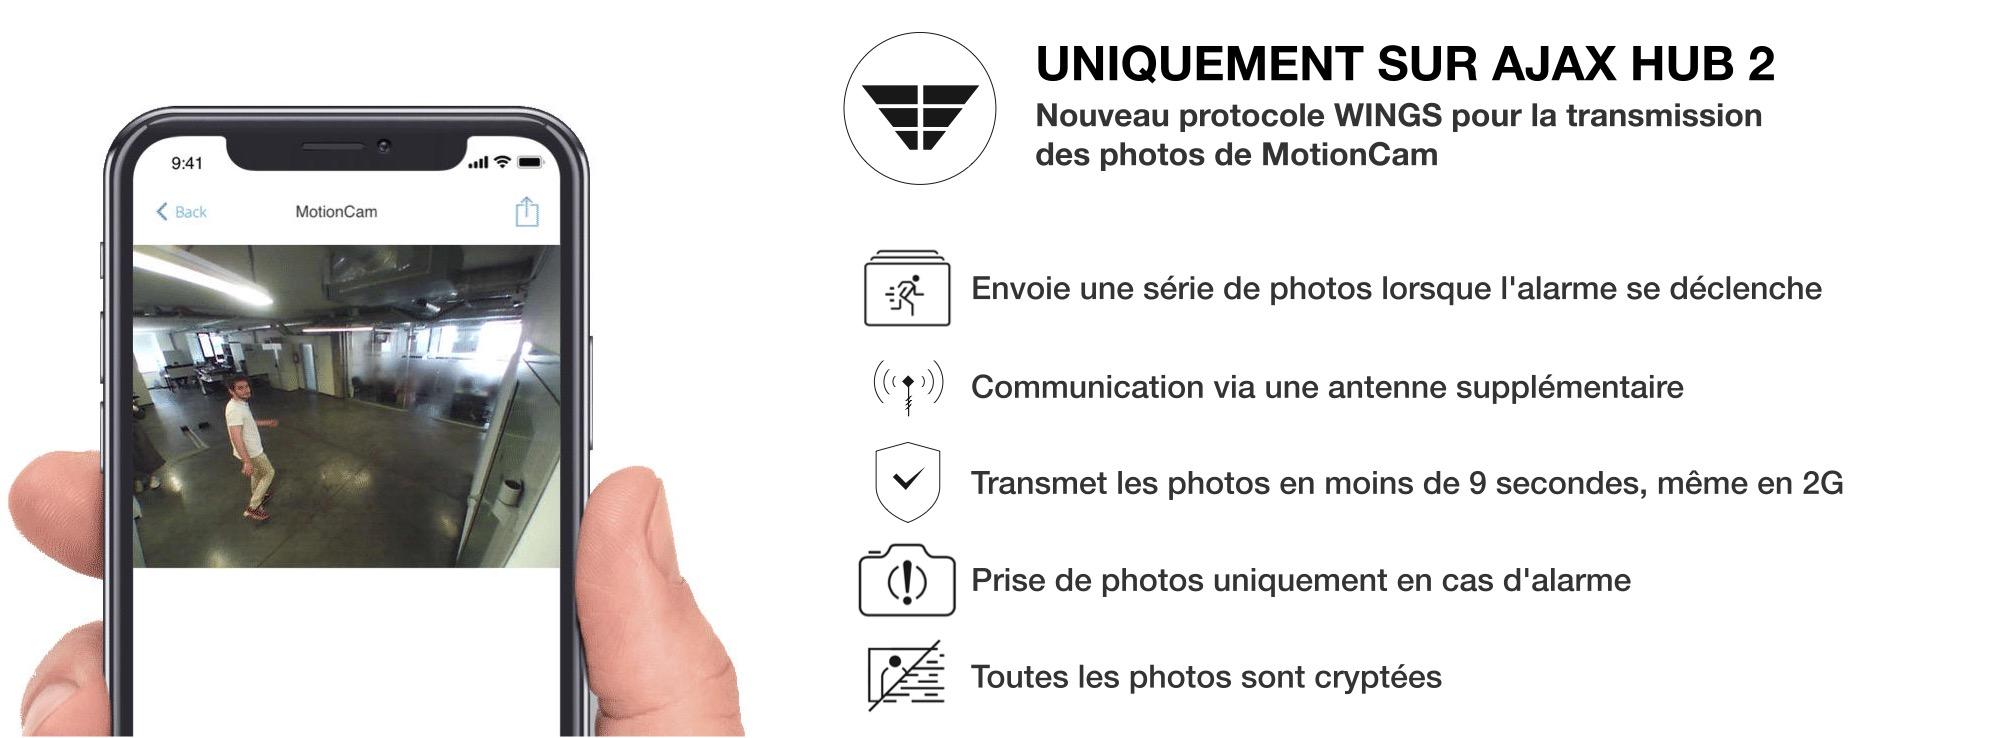 Technologie Wings pour la transmission des photos de Ajax MotionCam